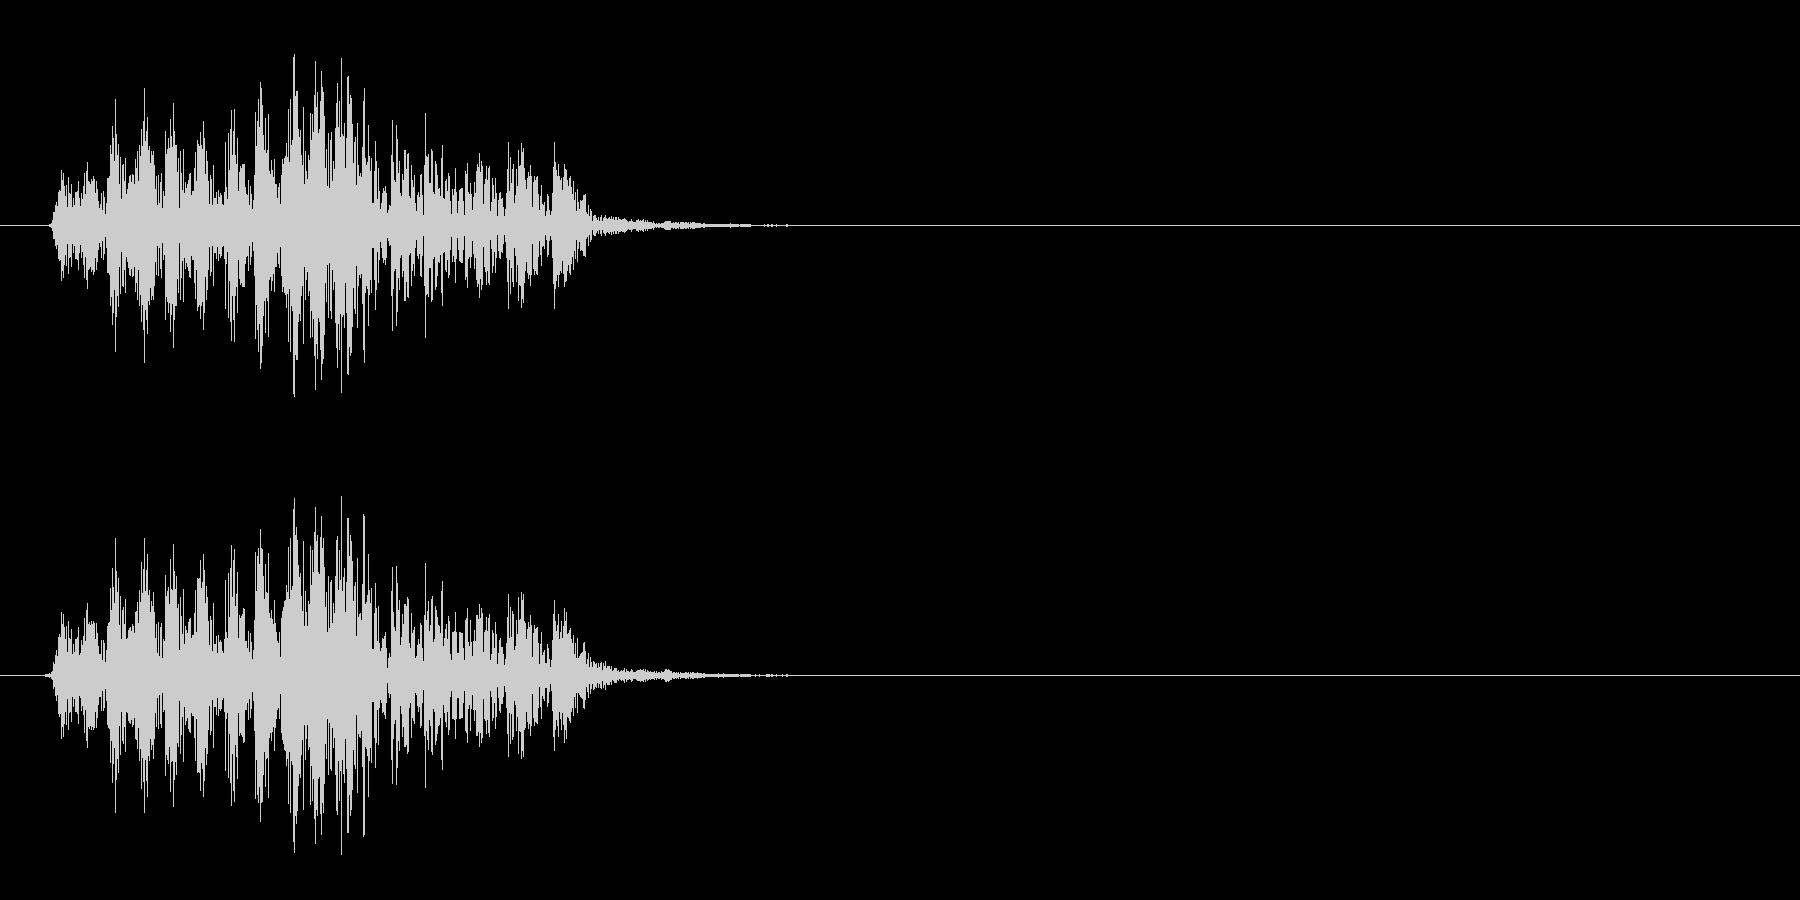 [生録音]ゲップ音01(ショート)の未再生の波形